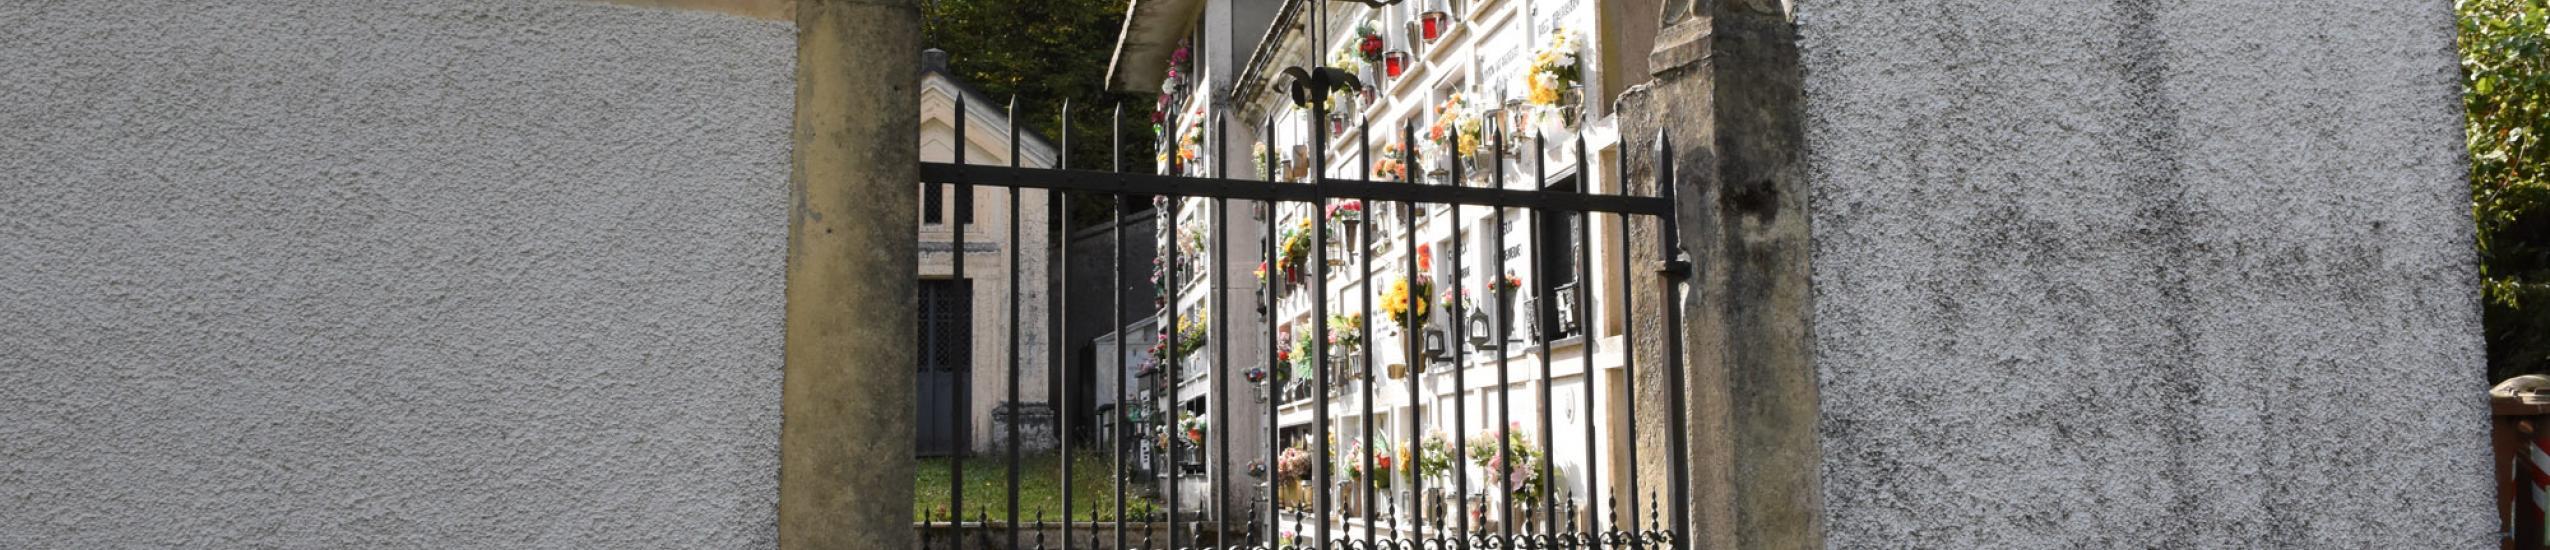 Cimitero di Costagnelo